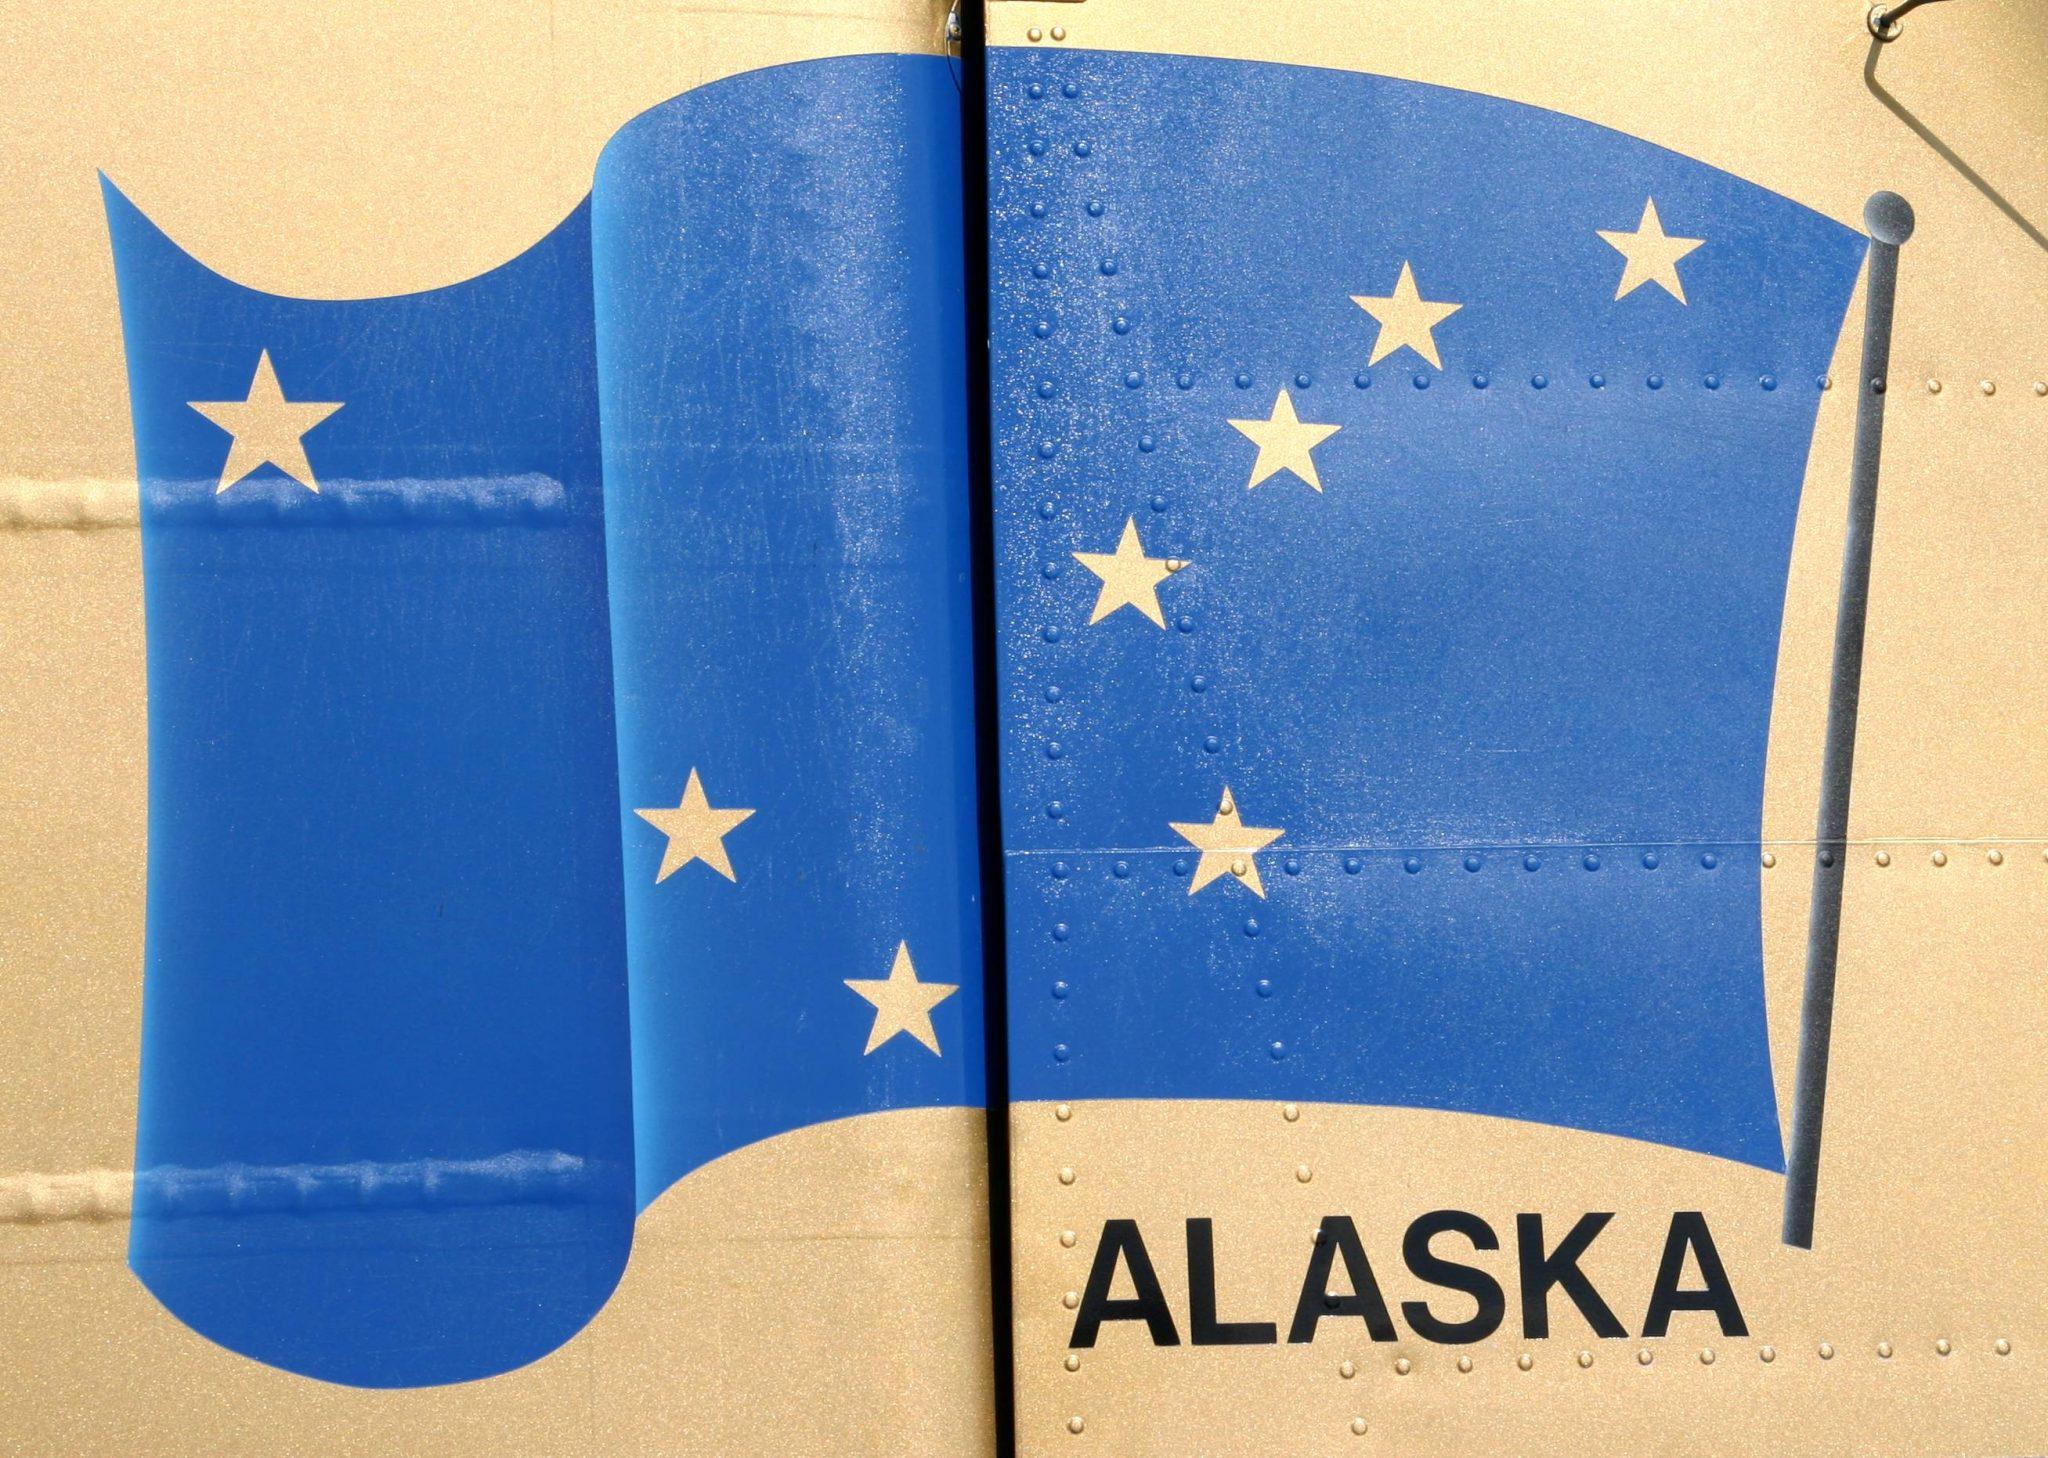 Alaska Senator Lisa Murkowski